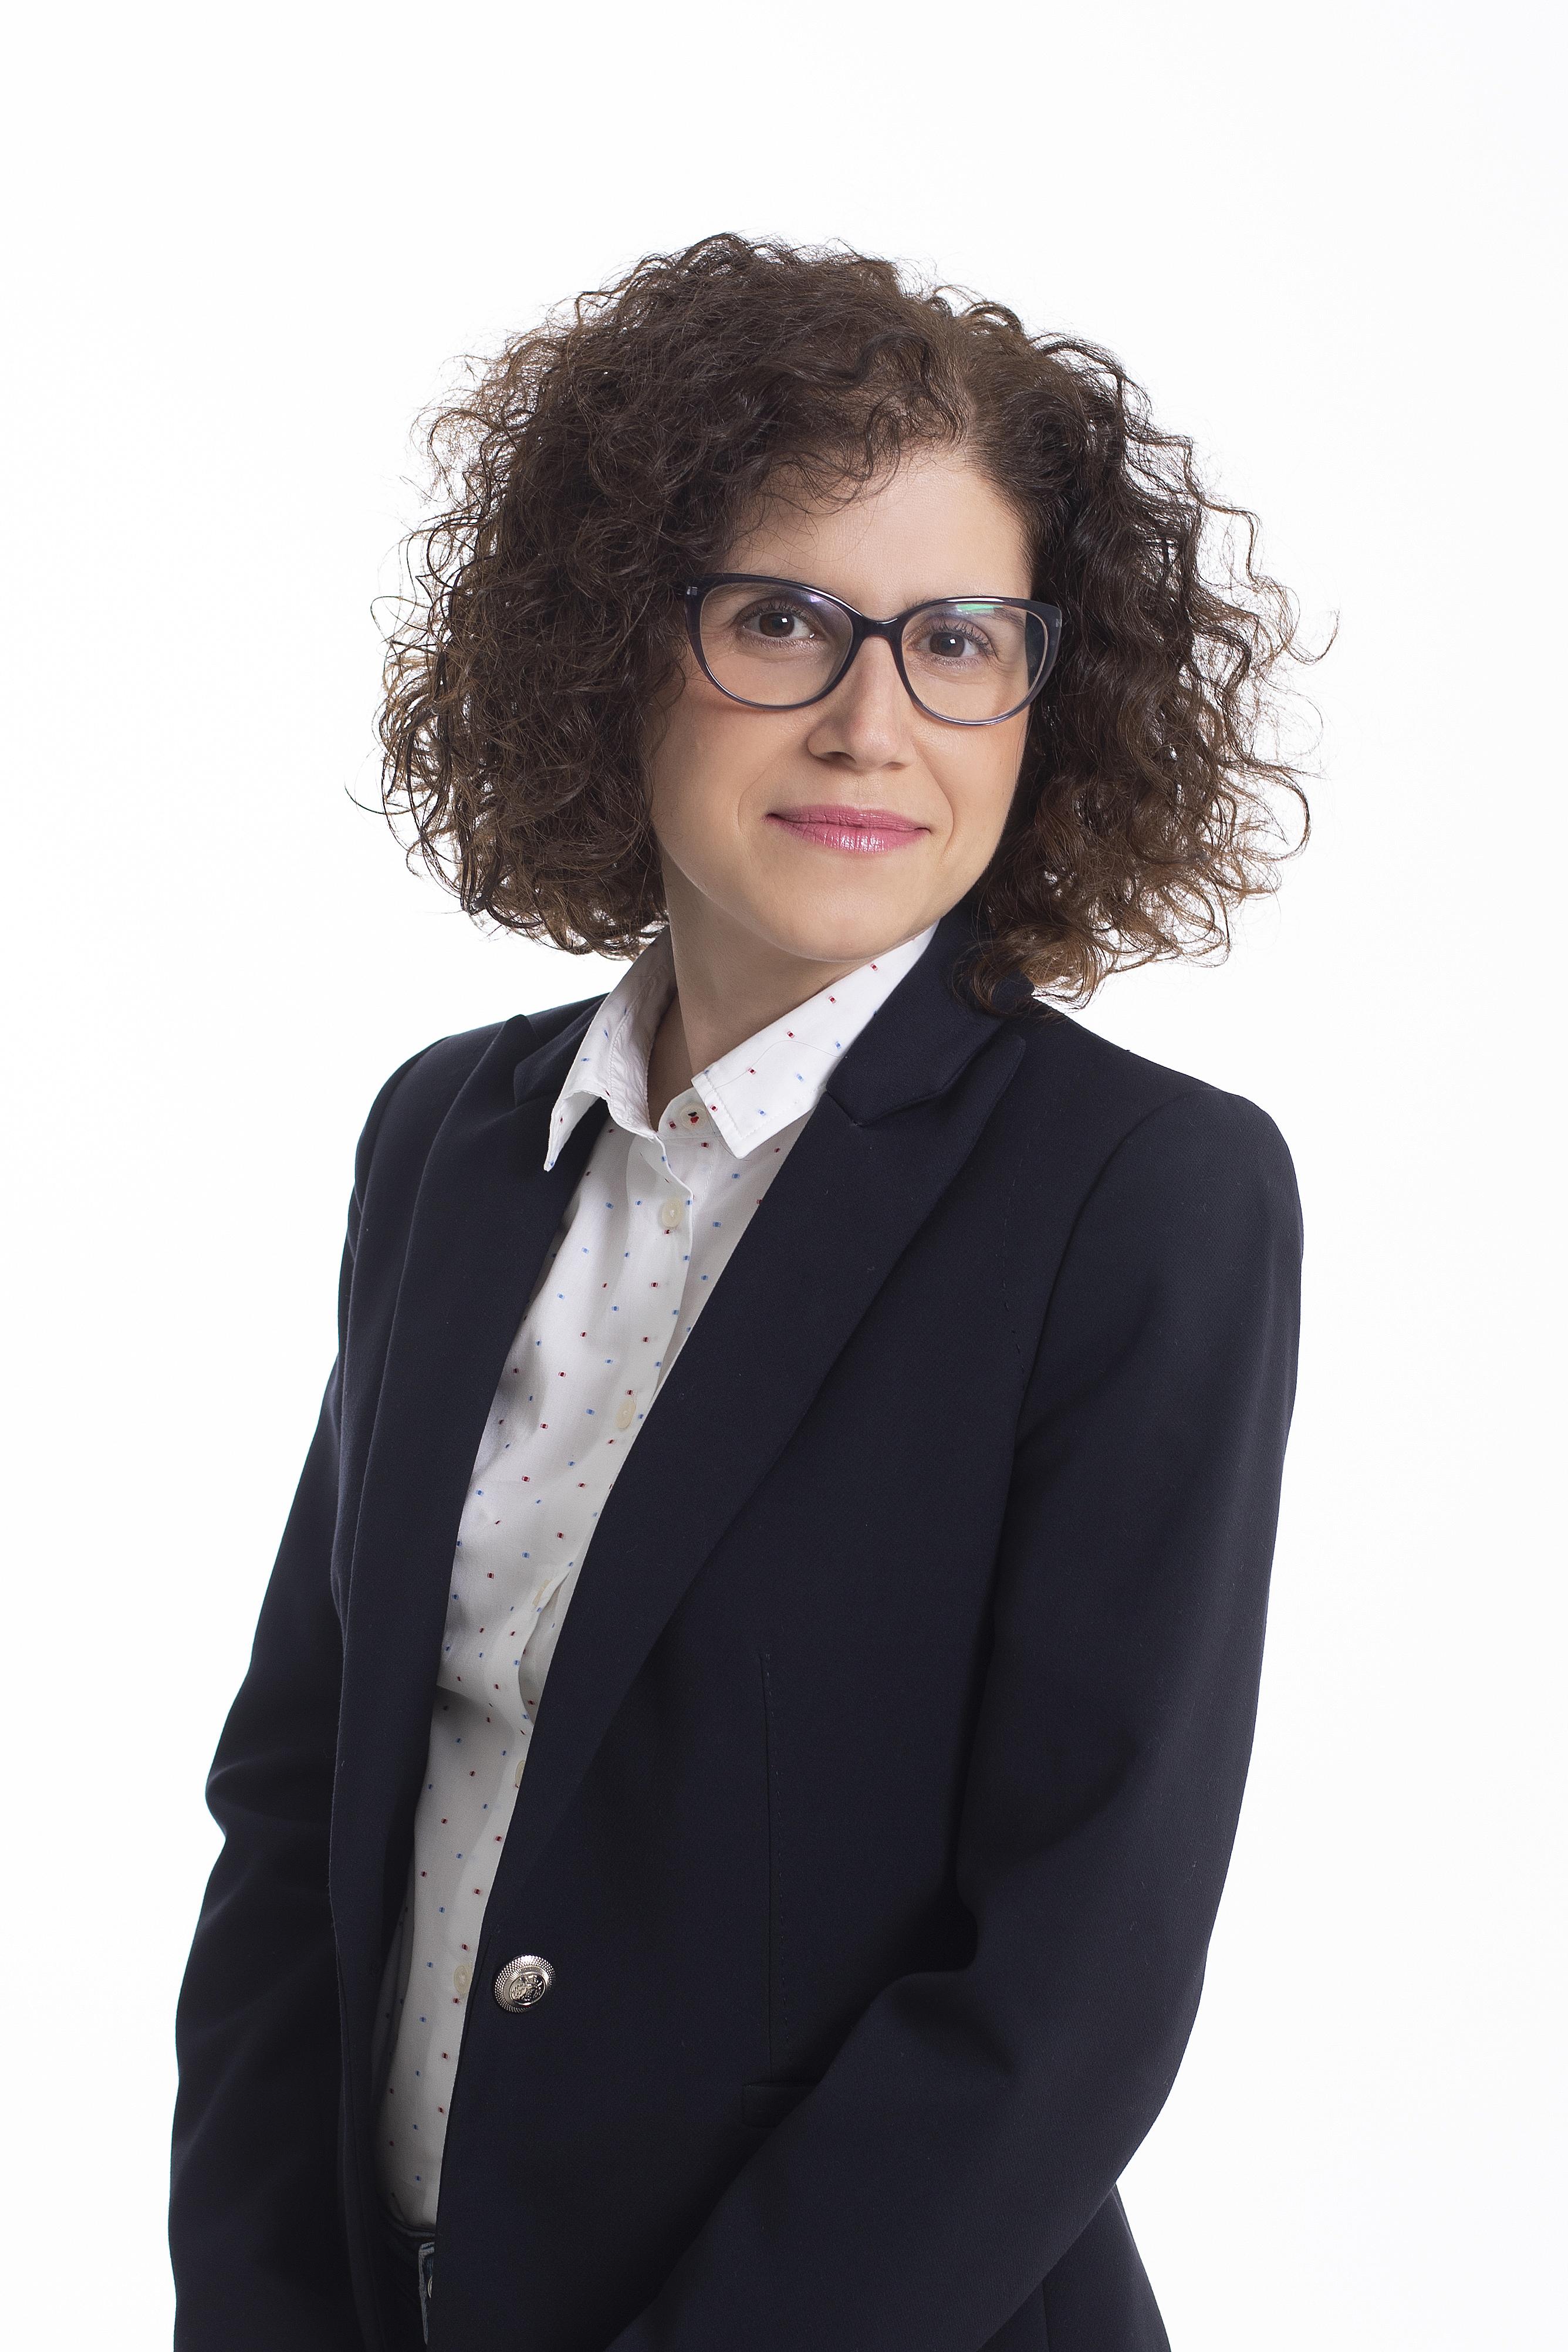 Inés López